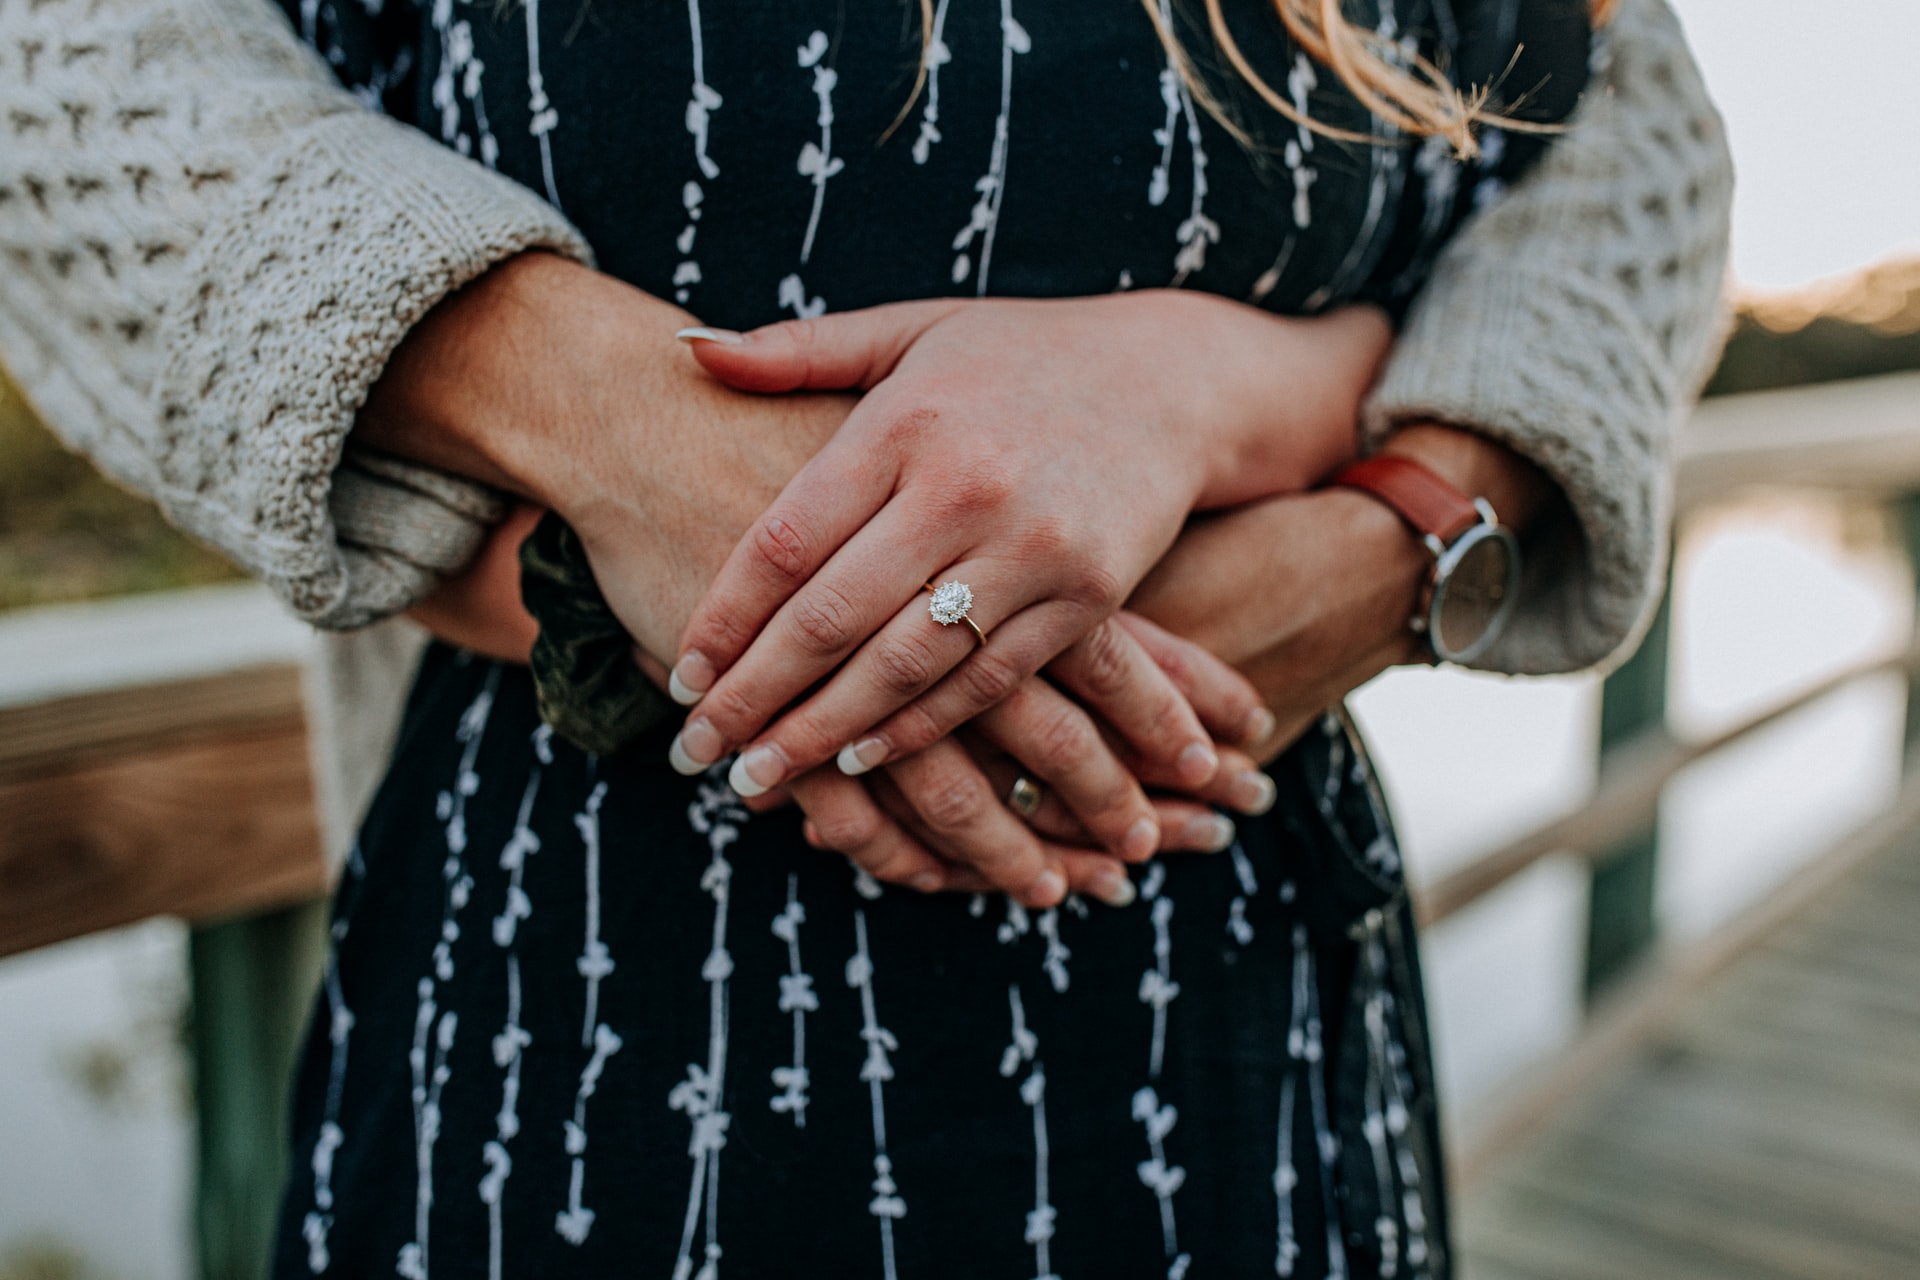 抱きしめられる女性の画像